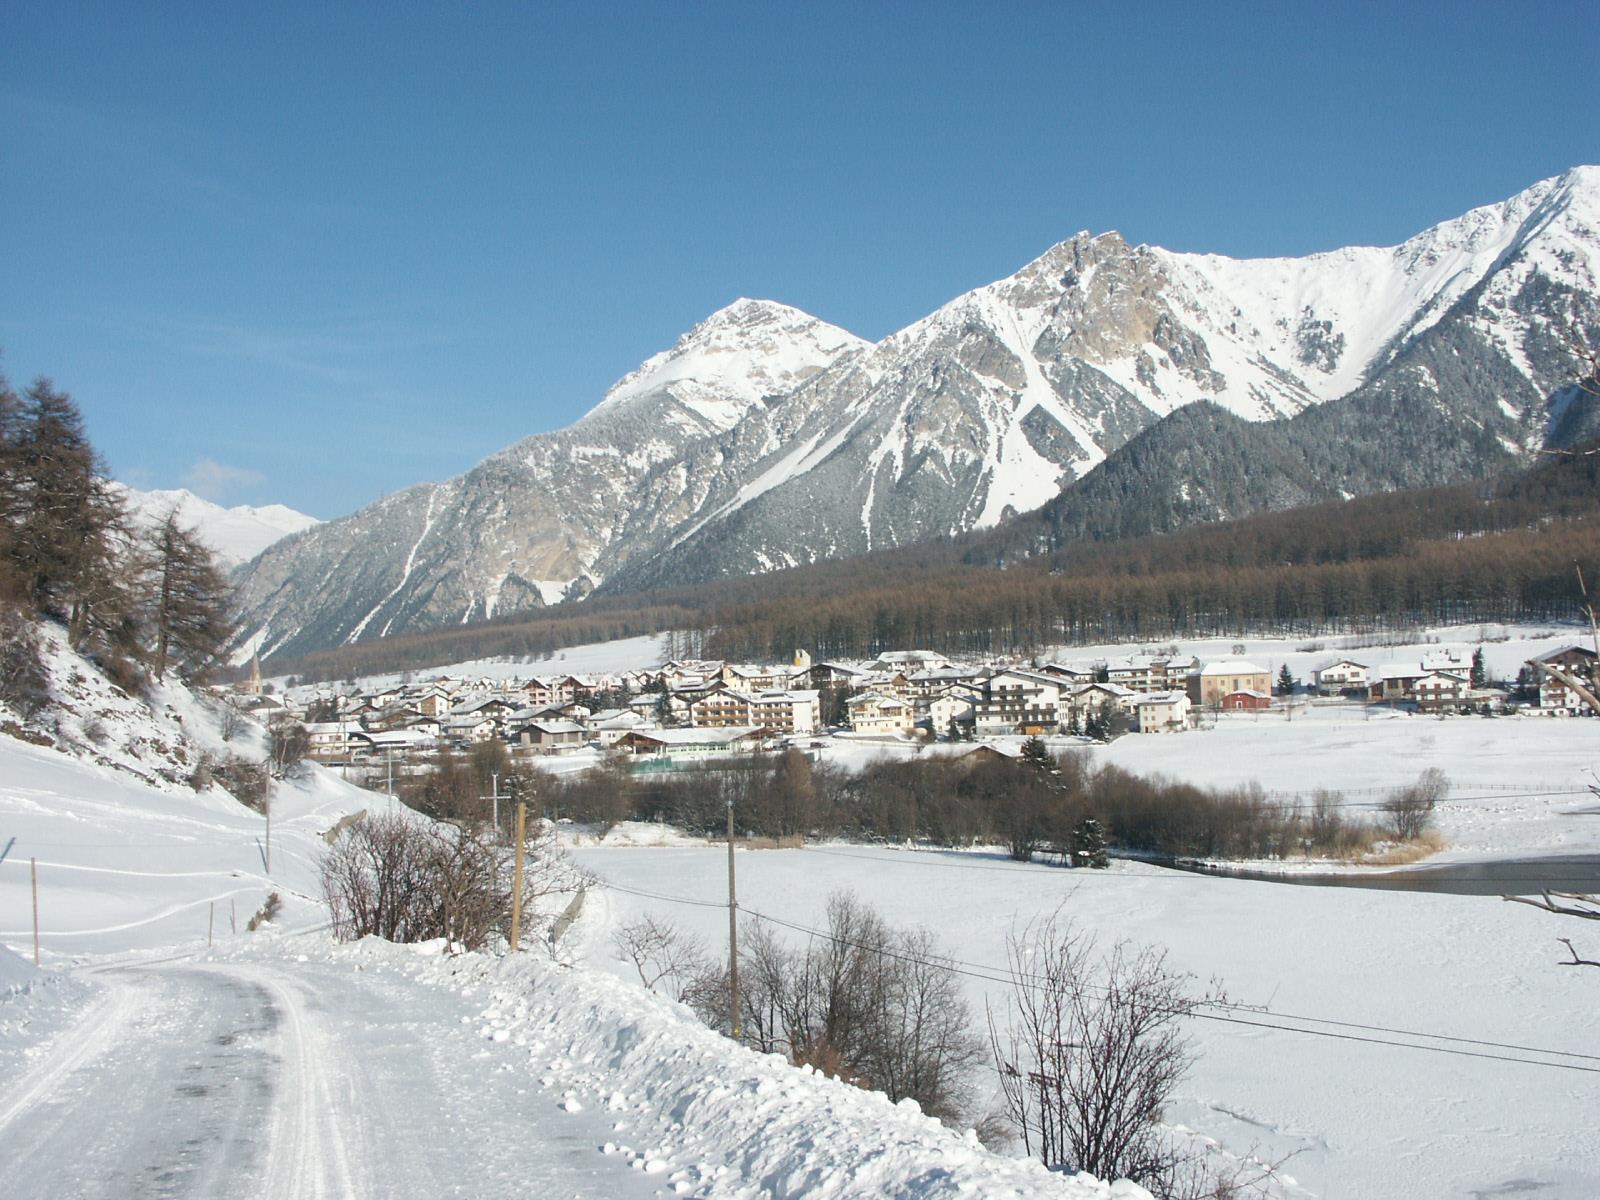 snowshoe hike to Malga Brugger/Brugger Alm